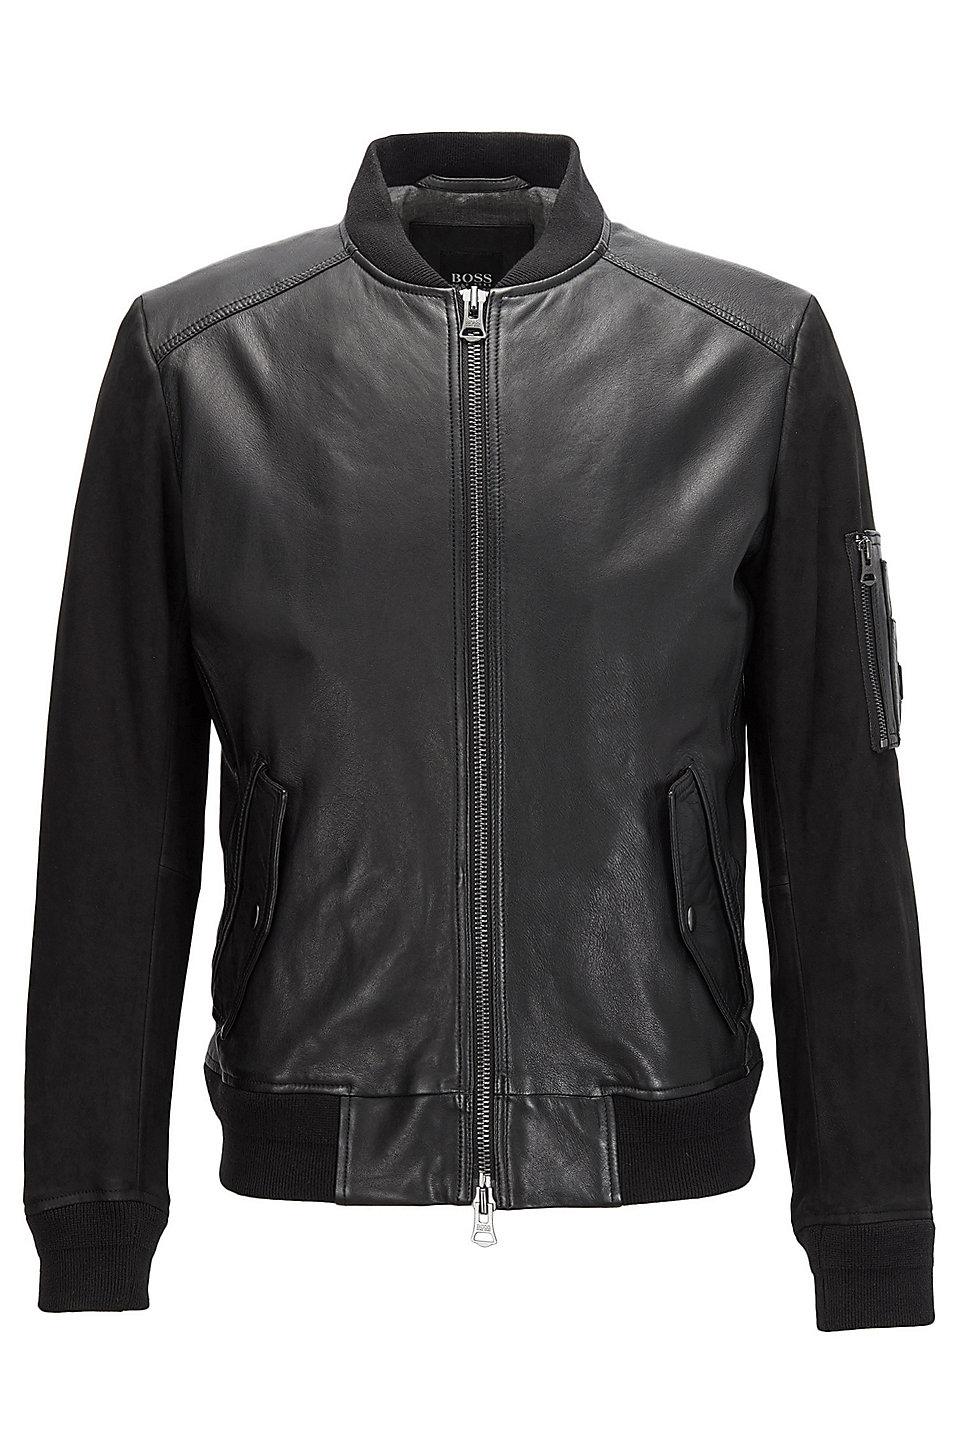 Sheepskin Leather Bomber Jacket | Jixx, Black